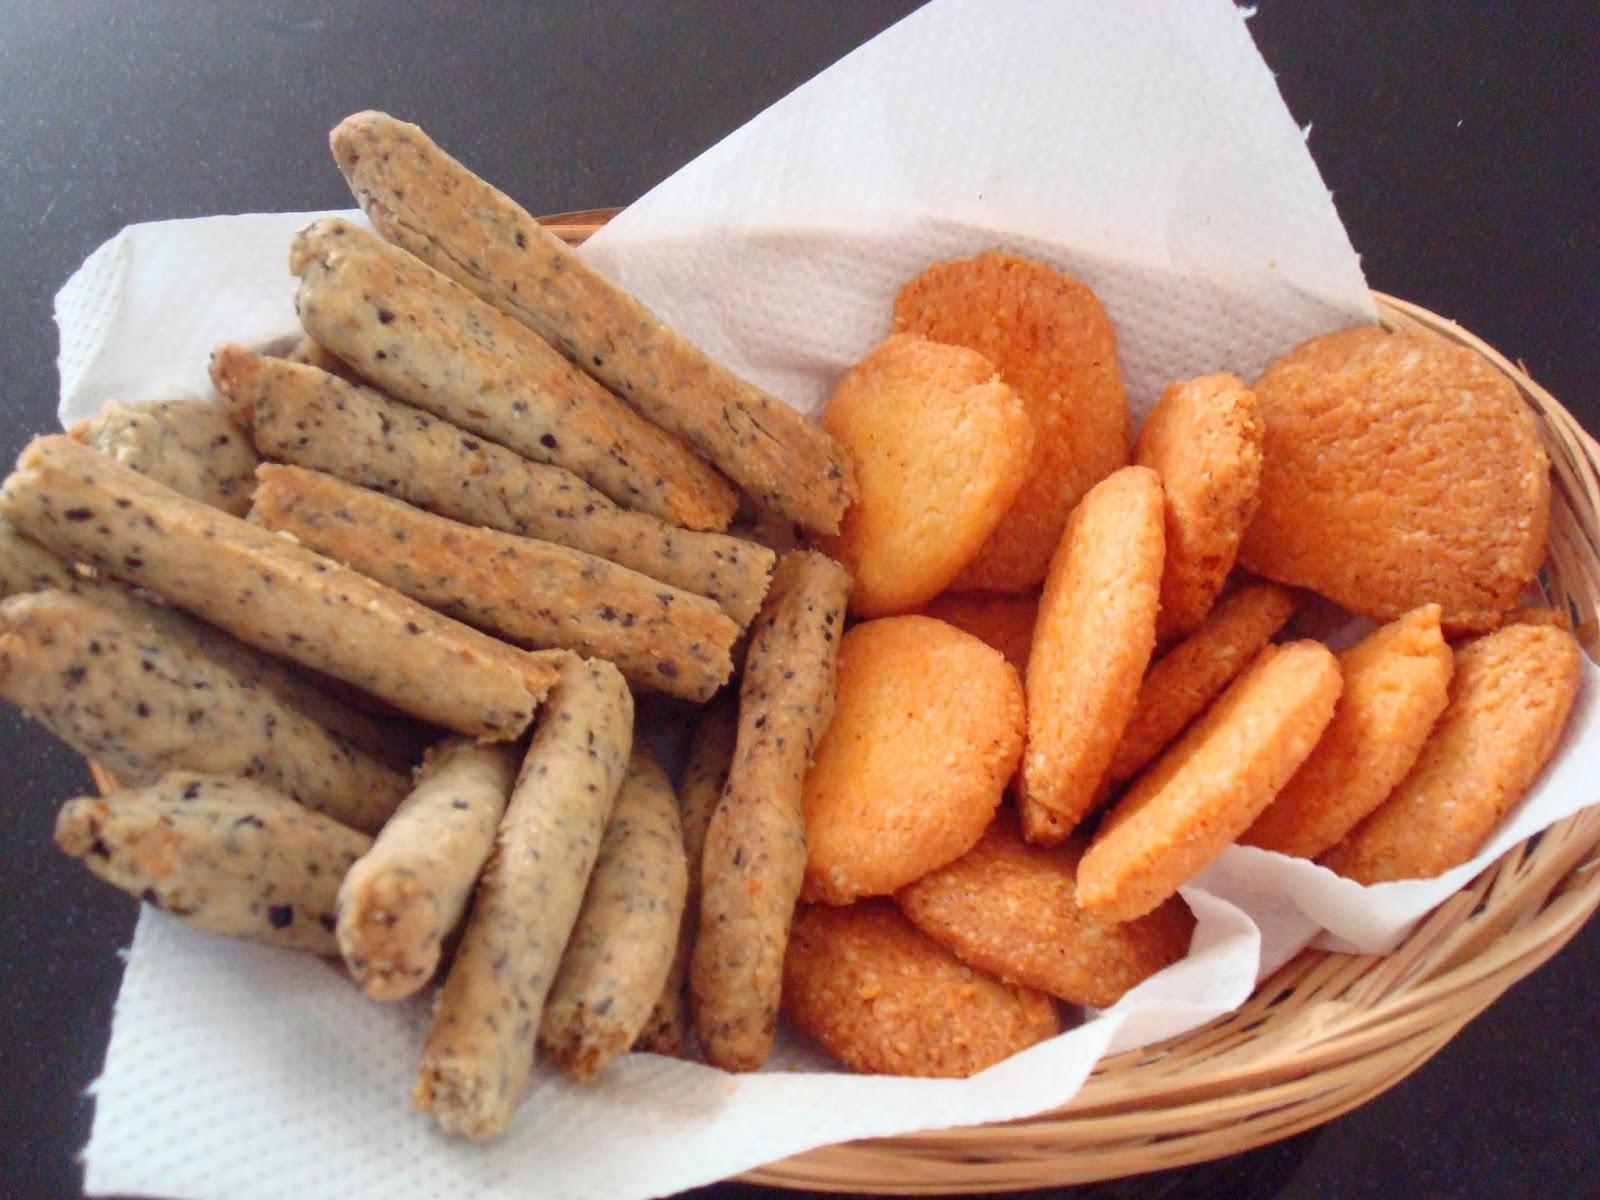 Global-Savory-Snacks-Industry